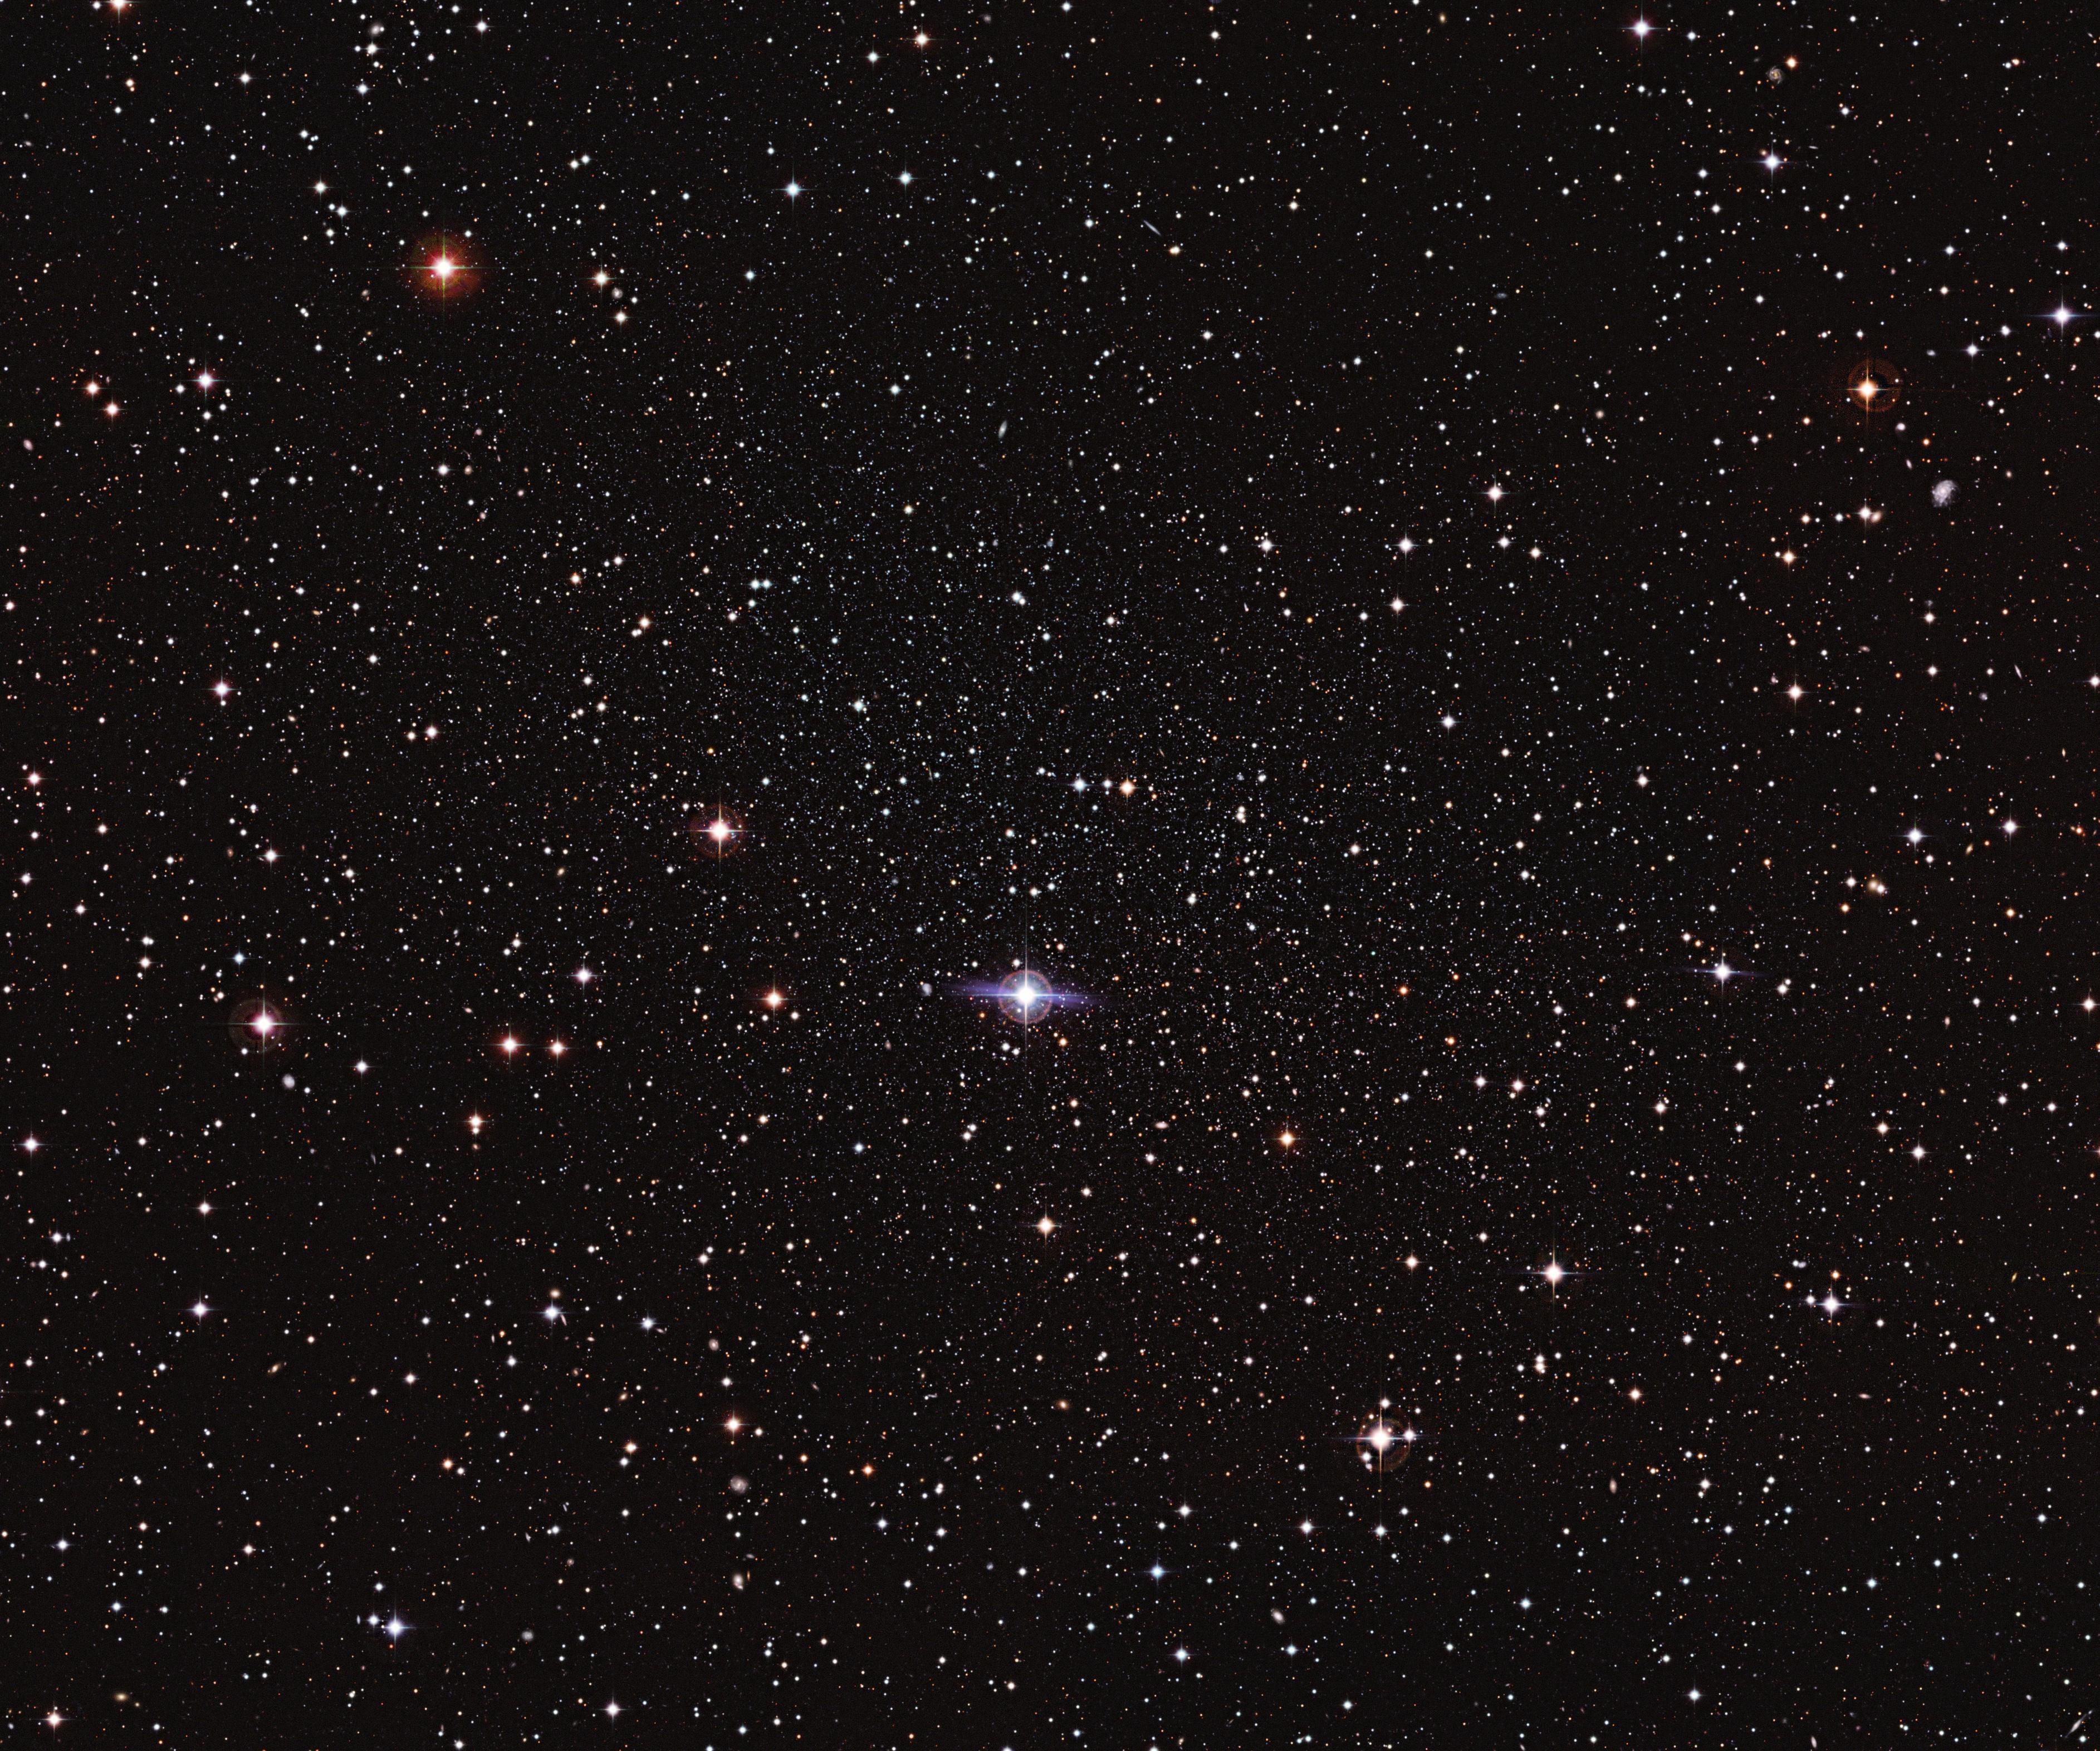 Carina Galaxy